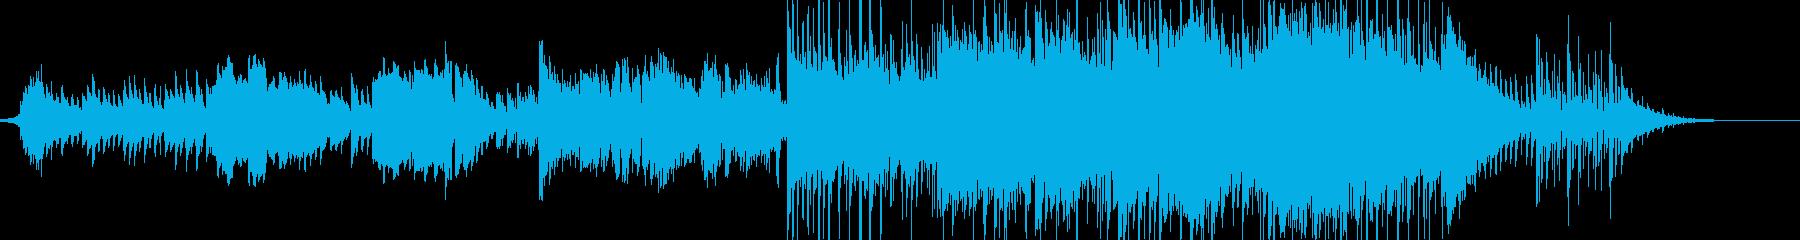 故郷チックなヒーリングサウンドの再生済みの波形